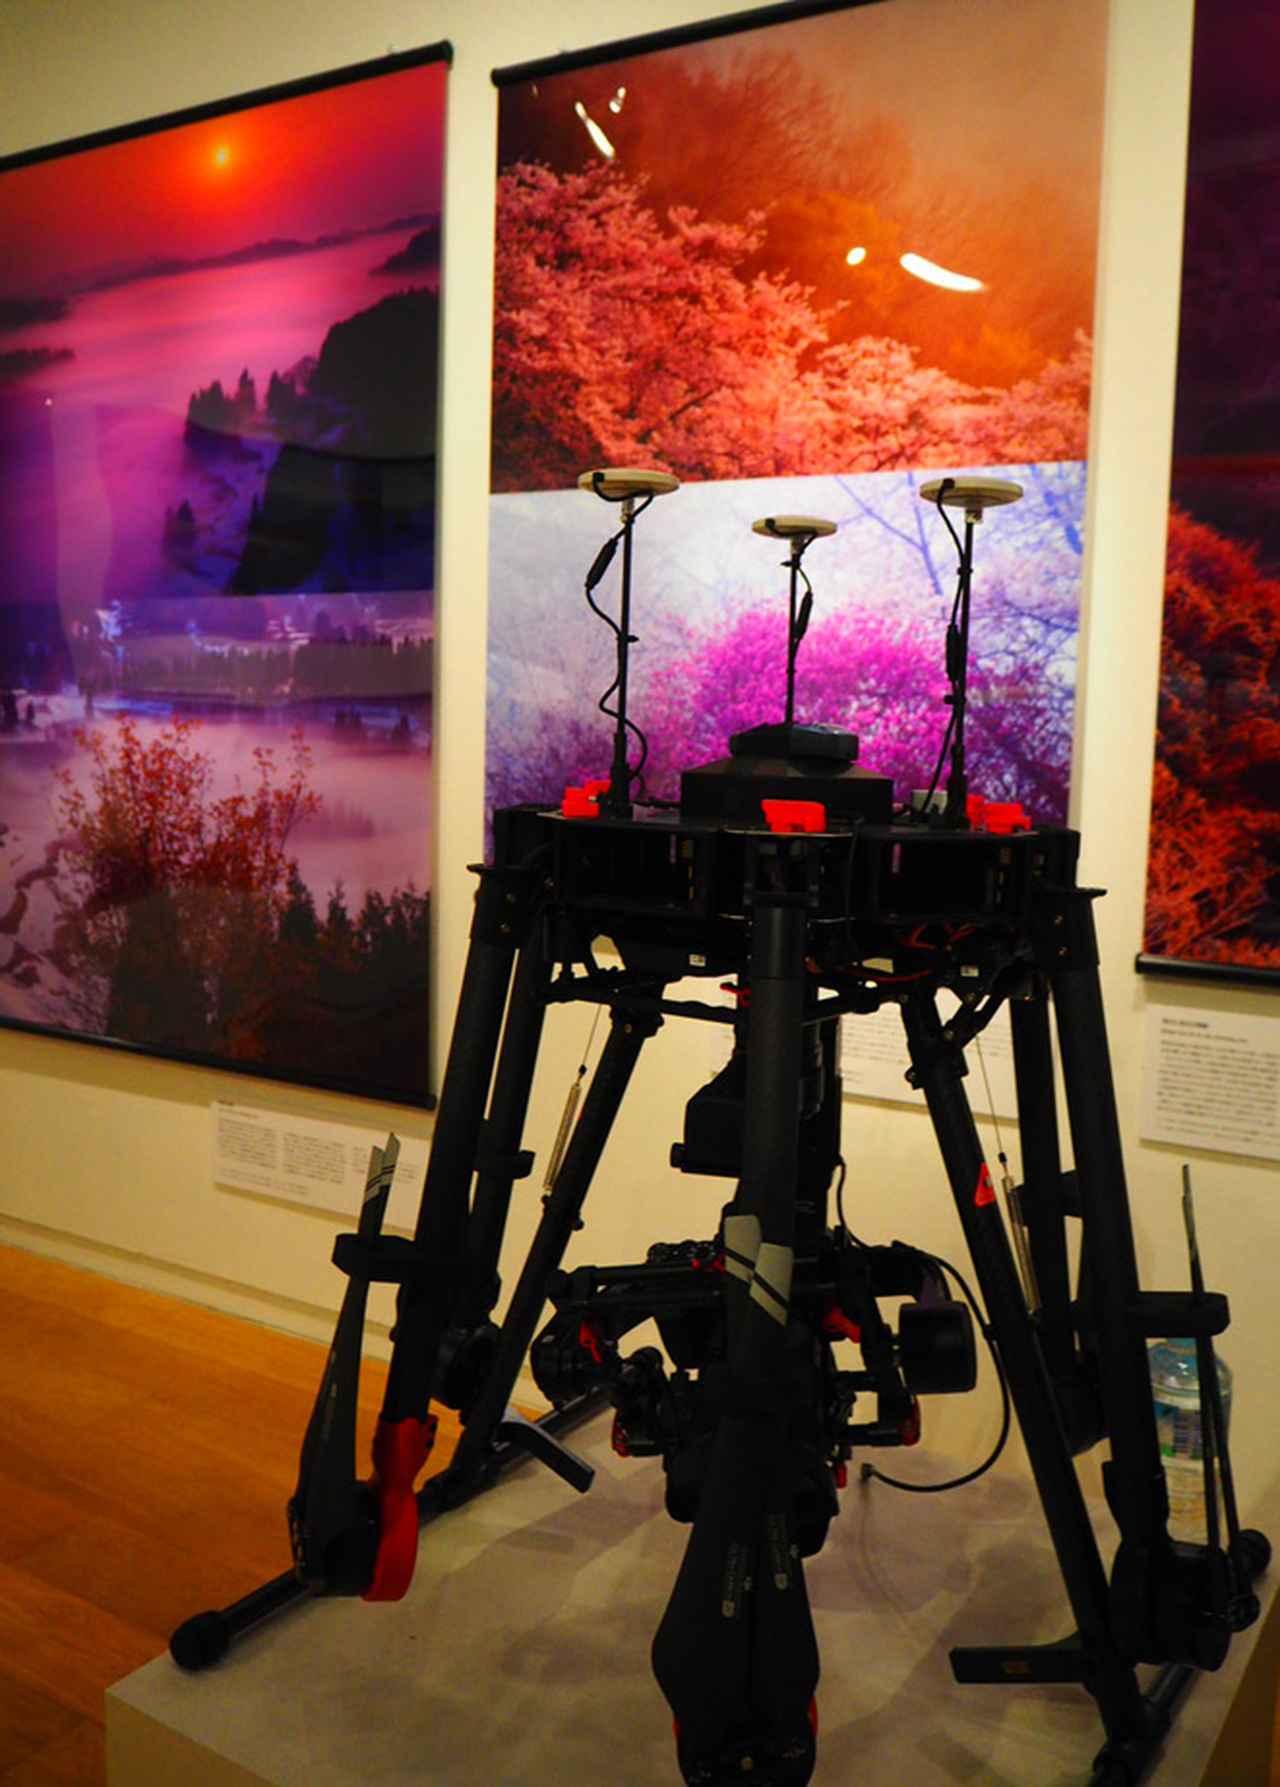 画像: 林 明輝氏が撮影に使用するドローンも展示される。 www.sony.co.jp